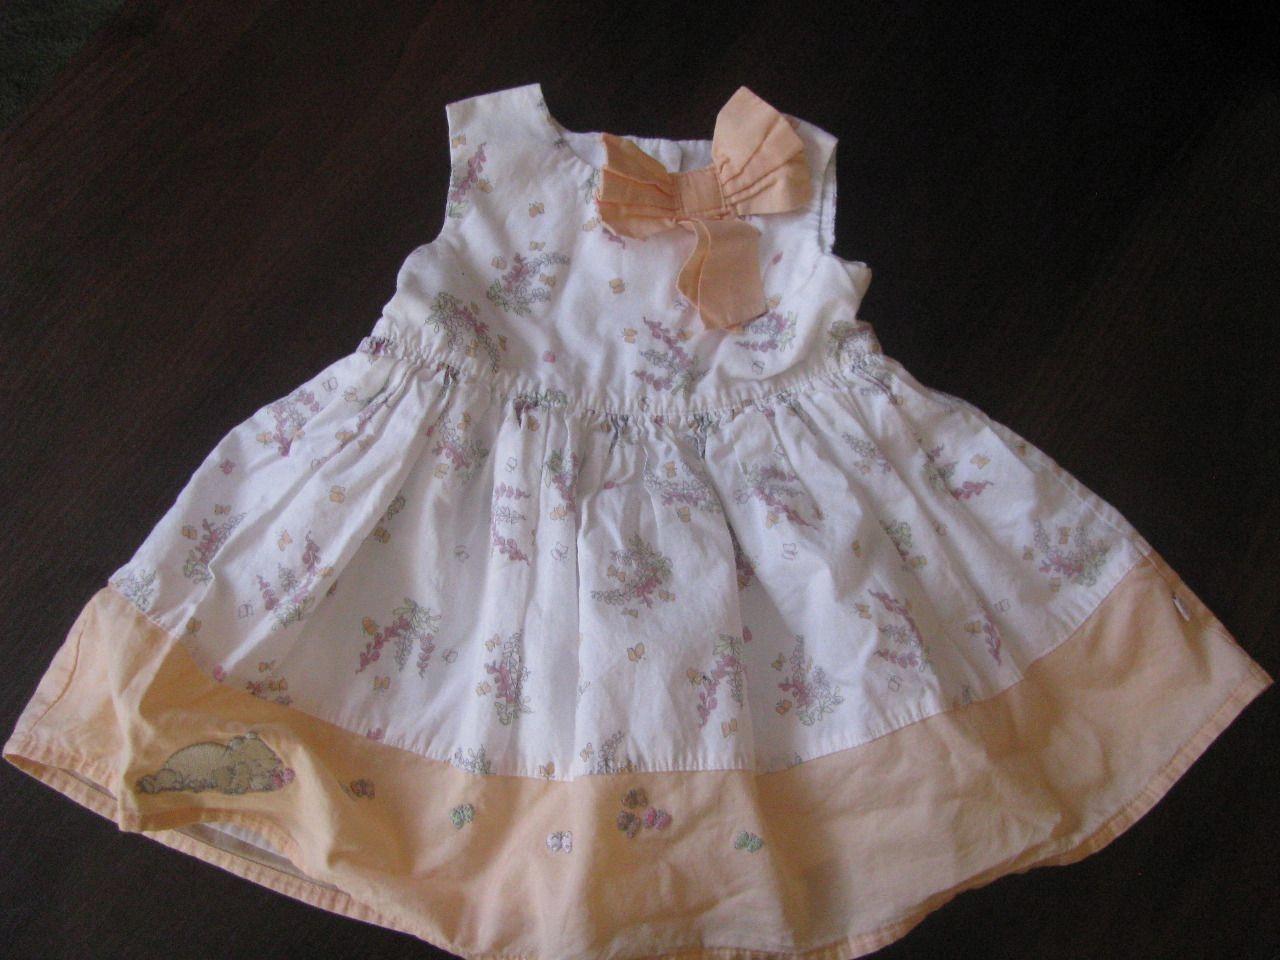 65deb31cf1 Śliczna Letnia  Sukienka 0-3 56 CM - 7506936860 - oficjalne archiwum ...